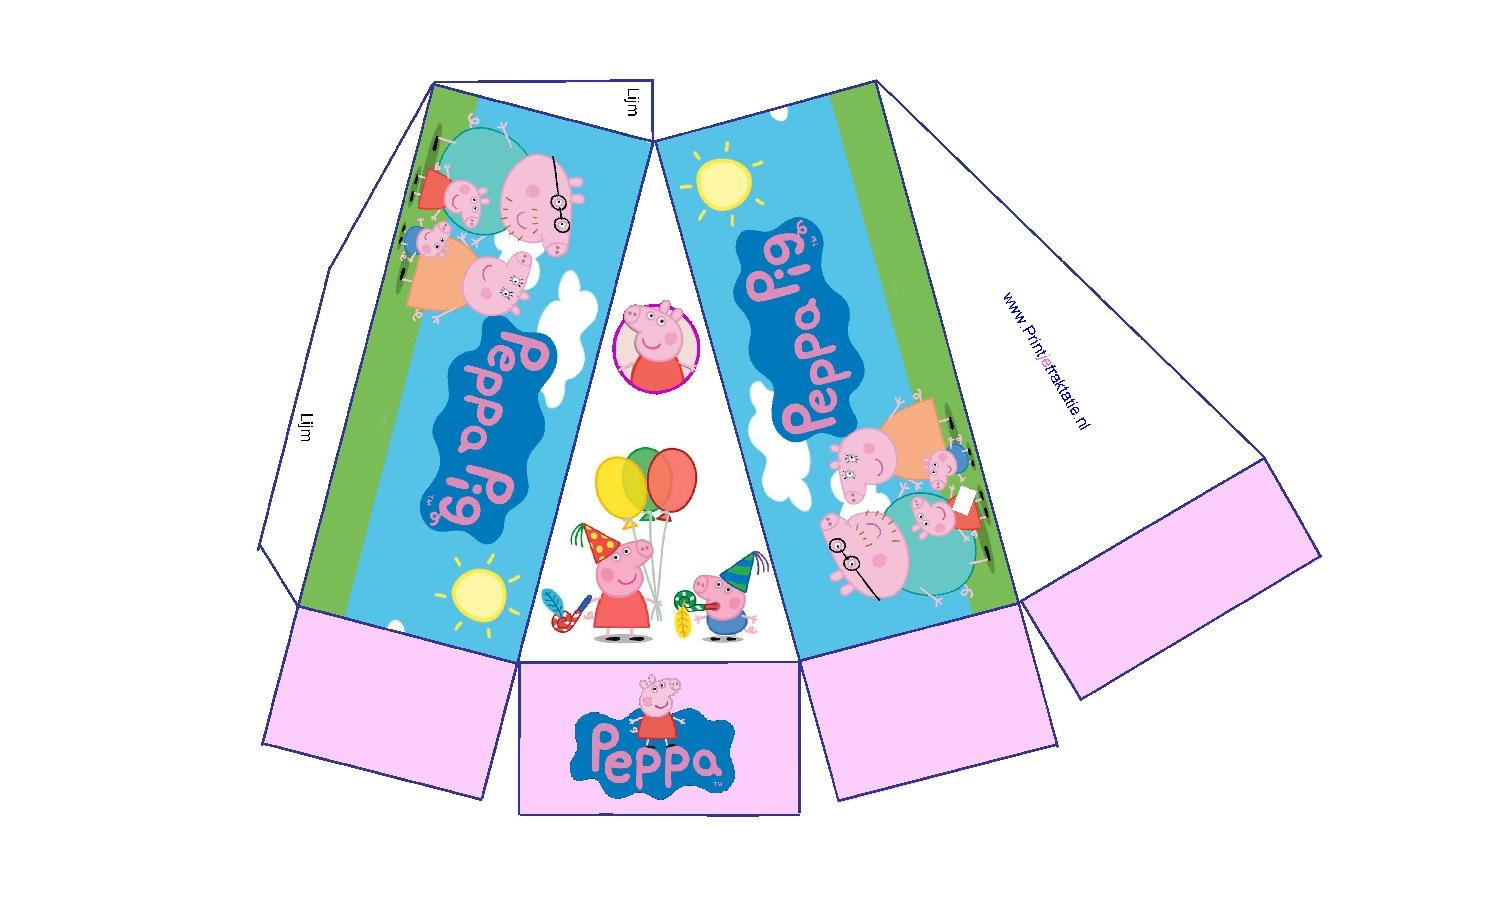 Peppa Pig taartpunt patroon